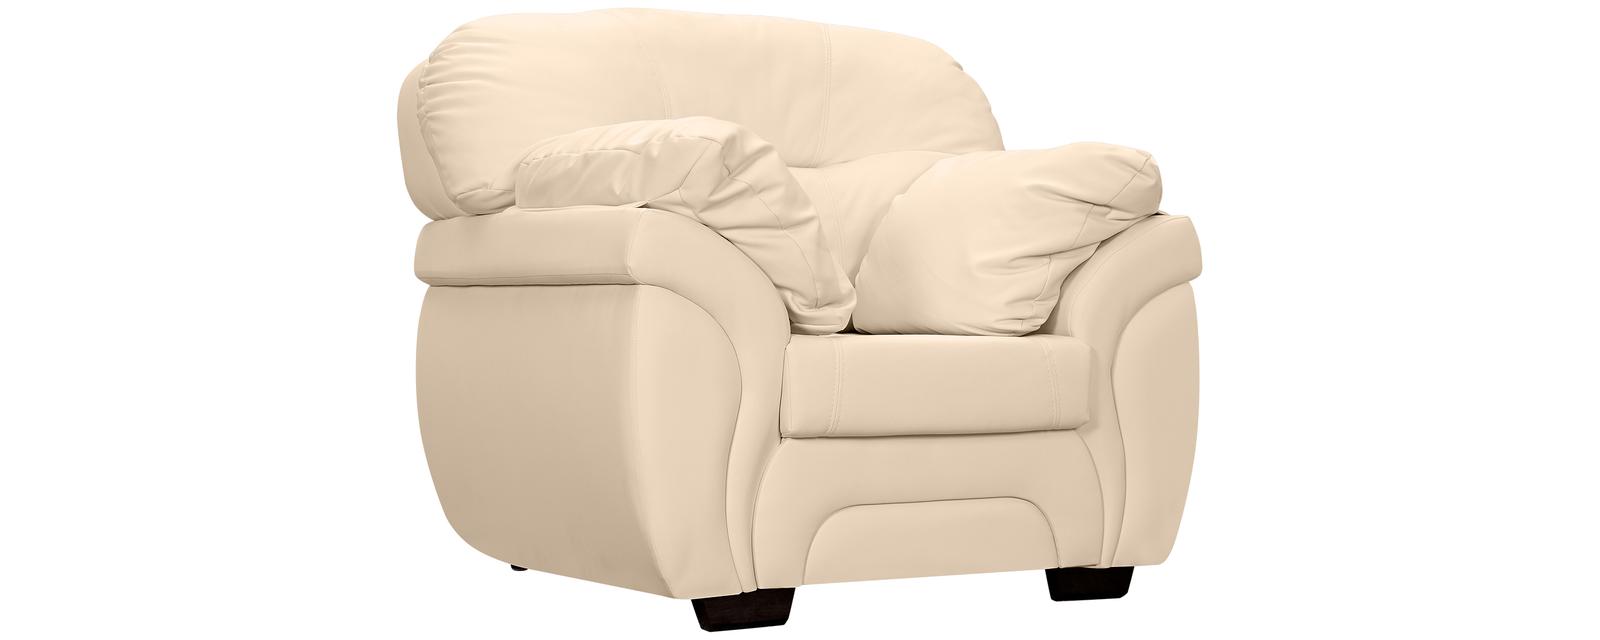 Кресло кожаное Бристоль Бежевый (Натуральная кожа)